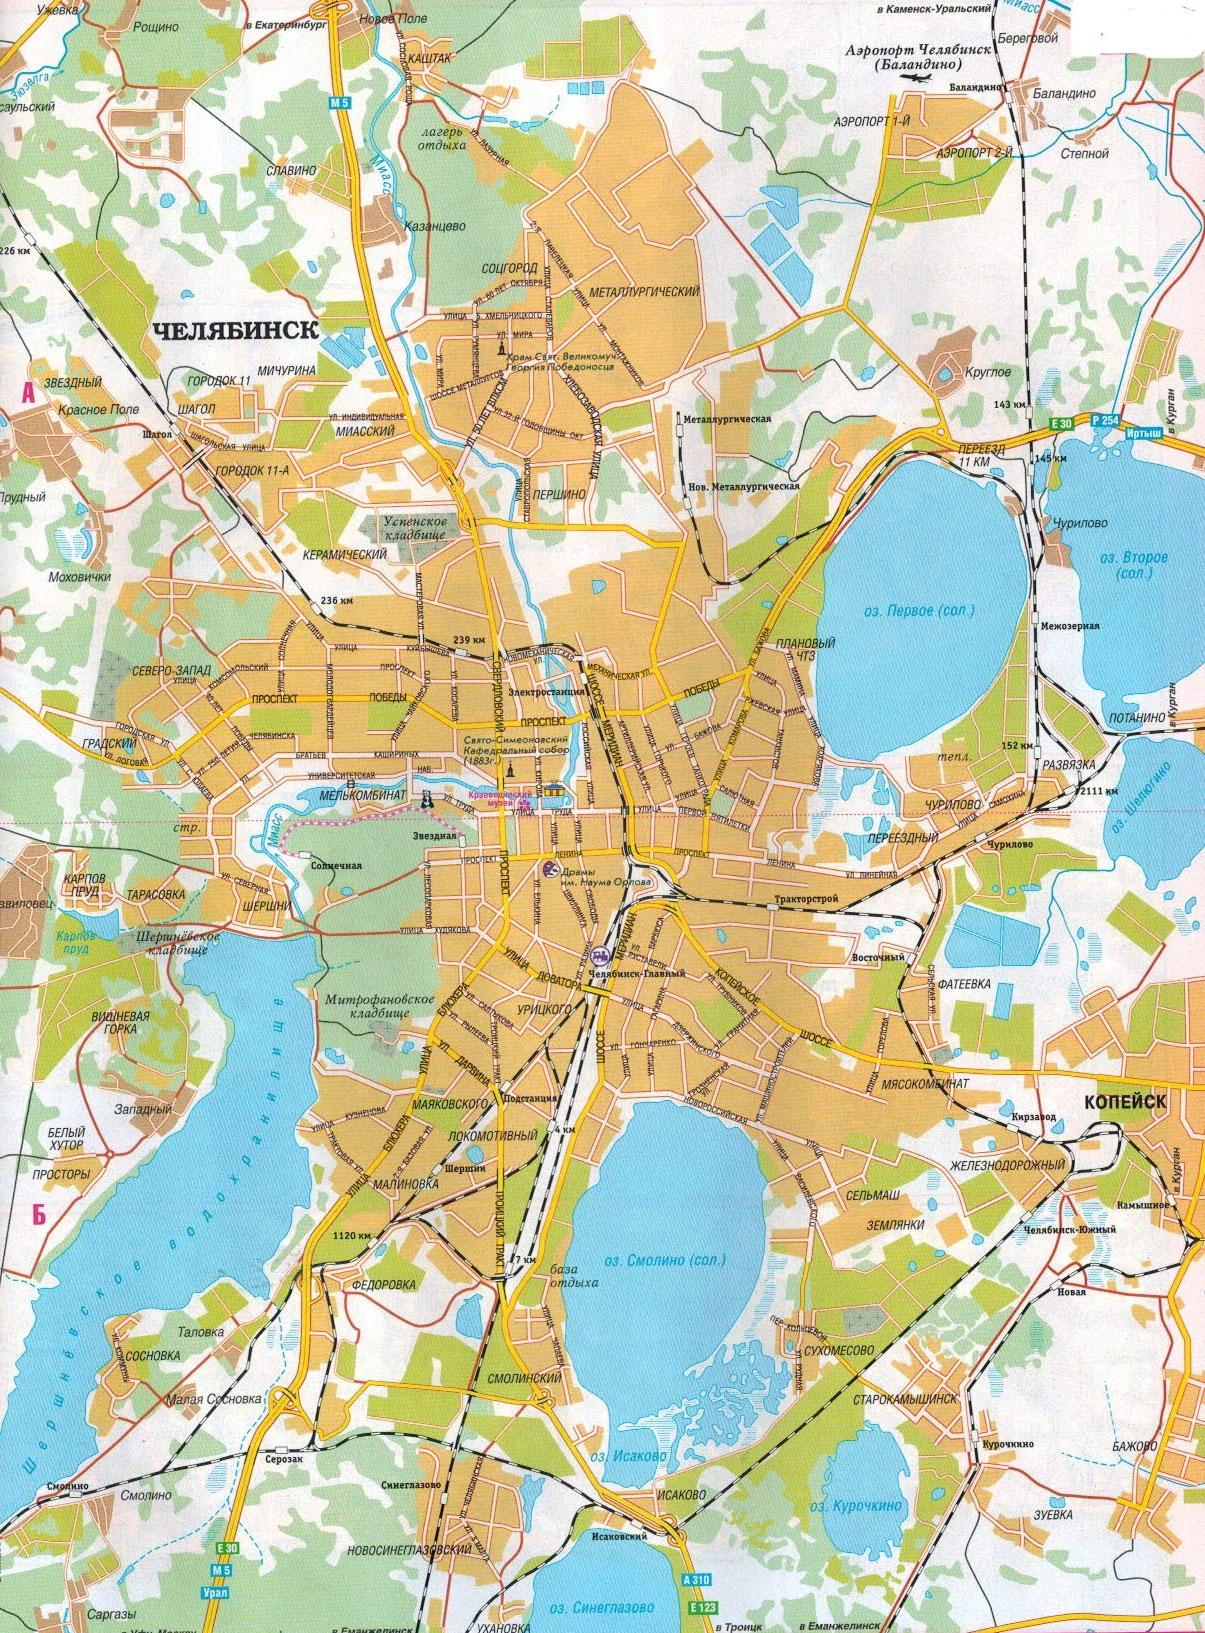 Настенная карта города Челябинск , ламинированная, р-р 0,75*1,0 м